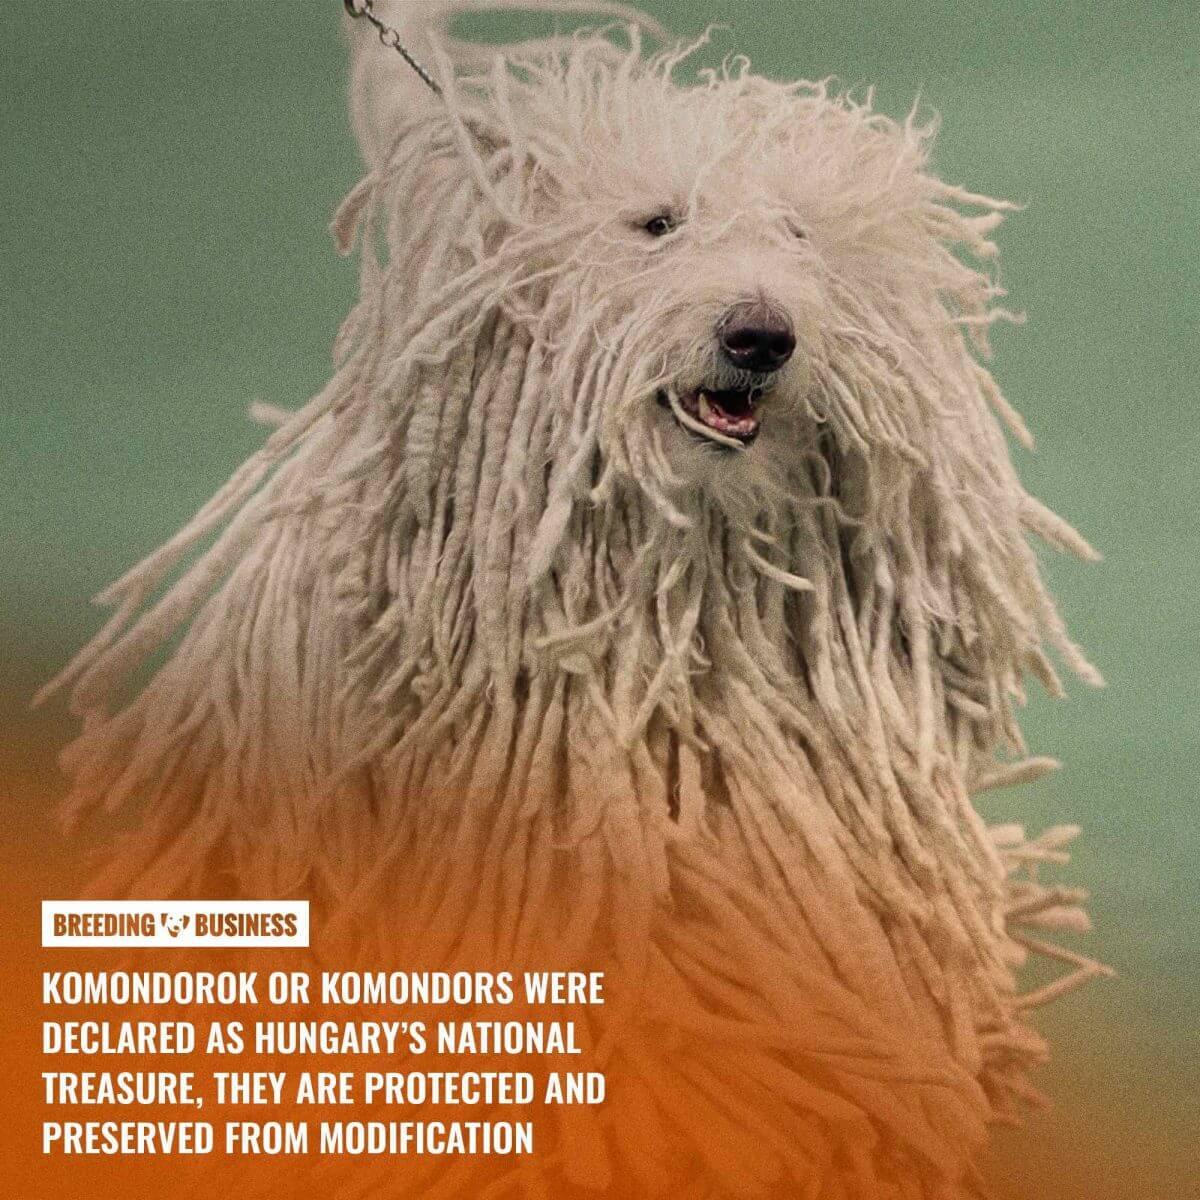 komondor breed's hungarian origins